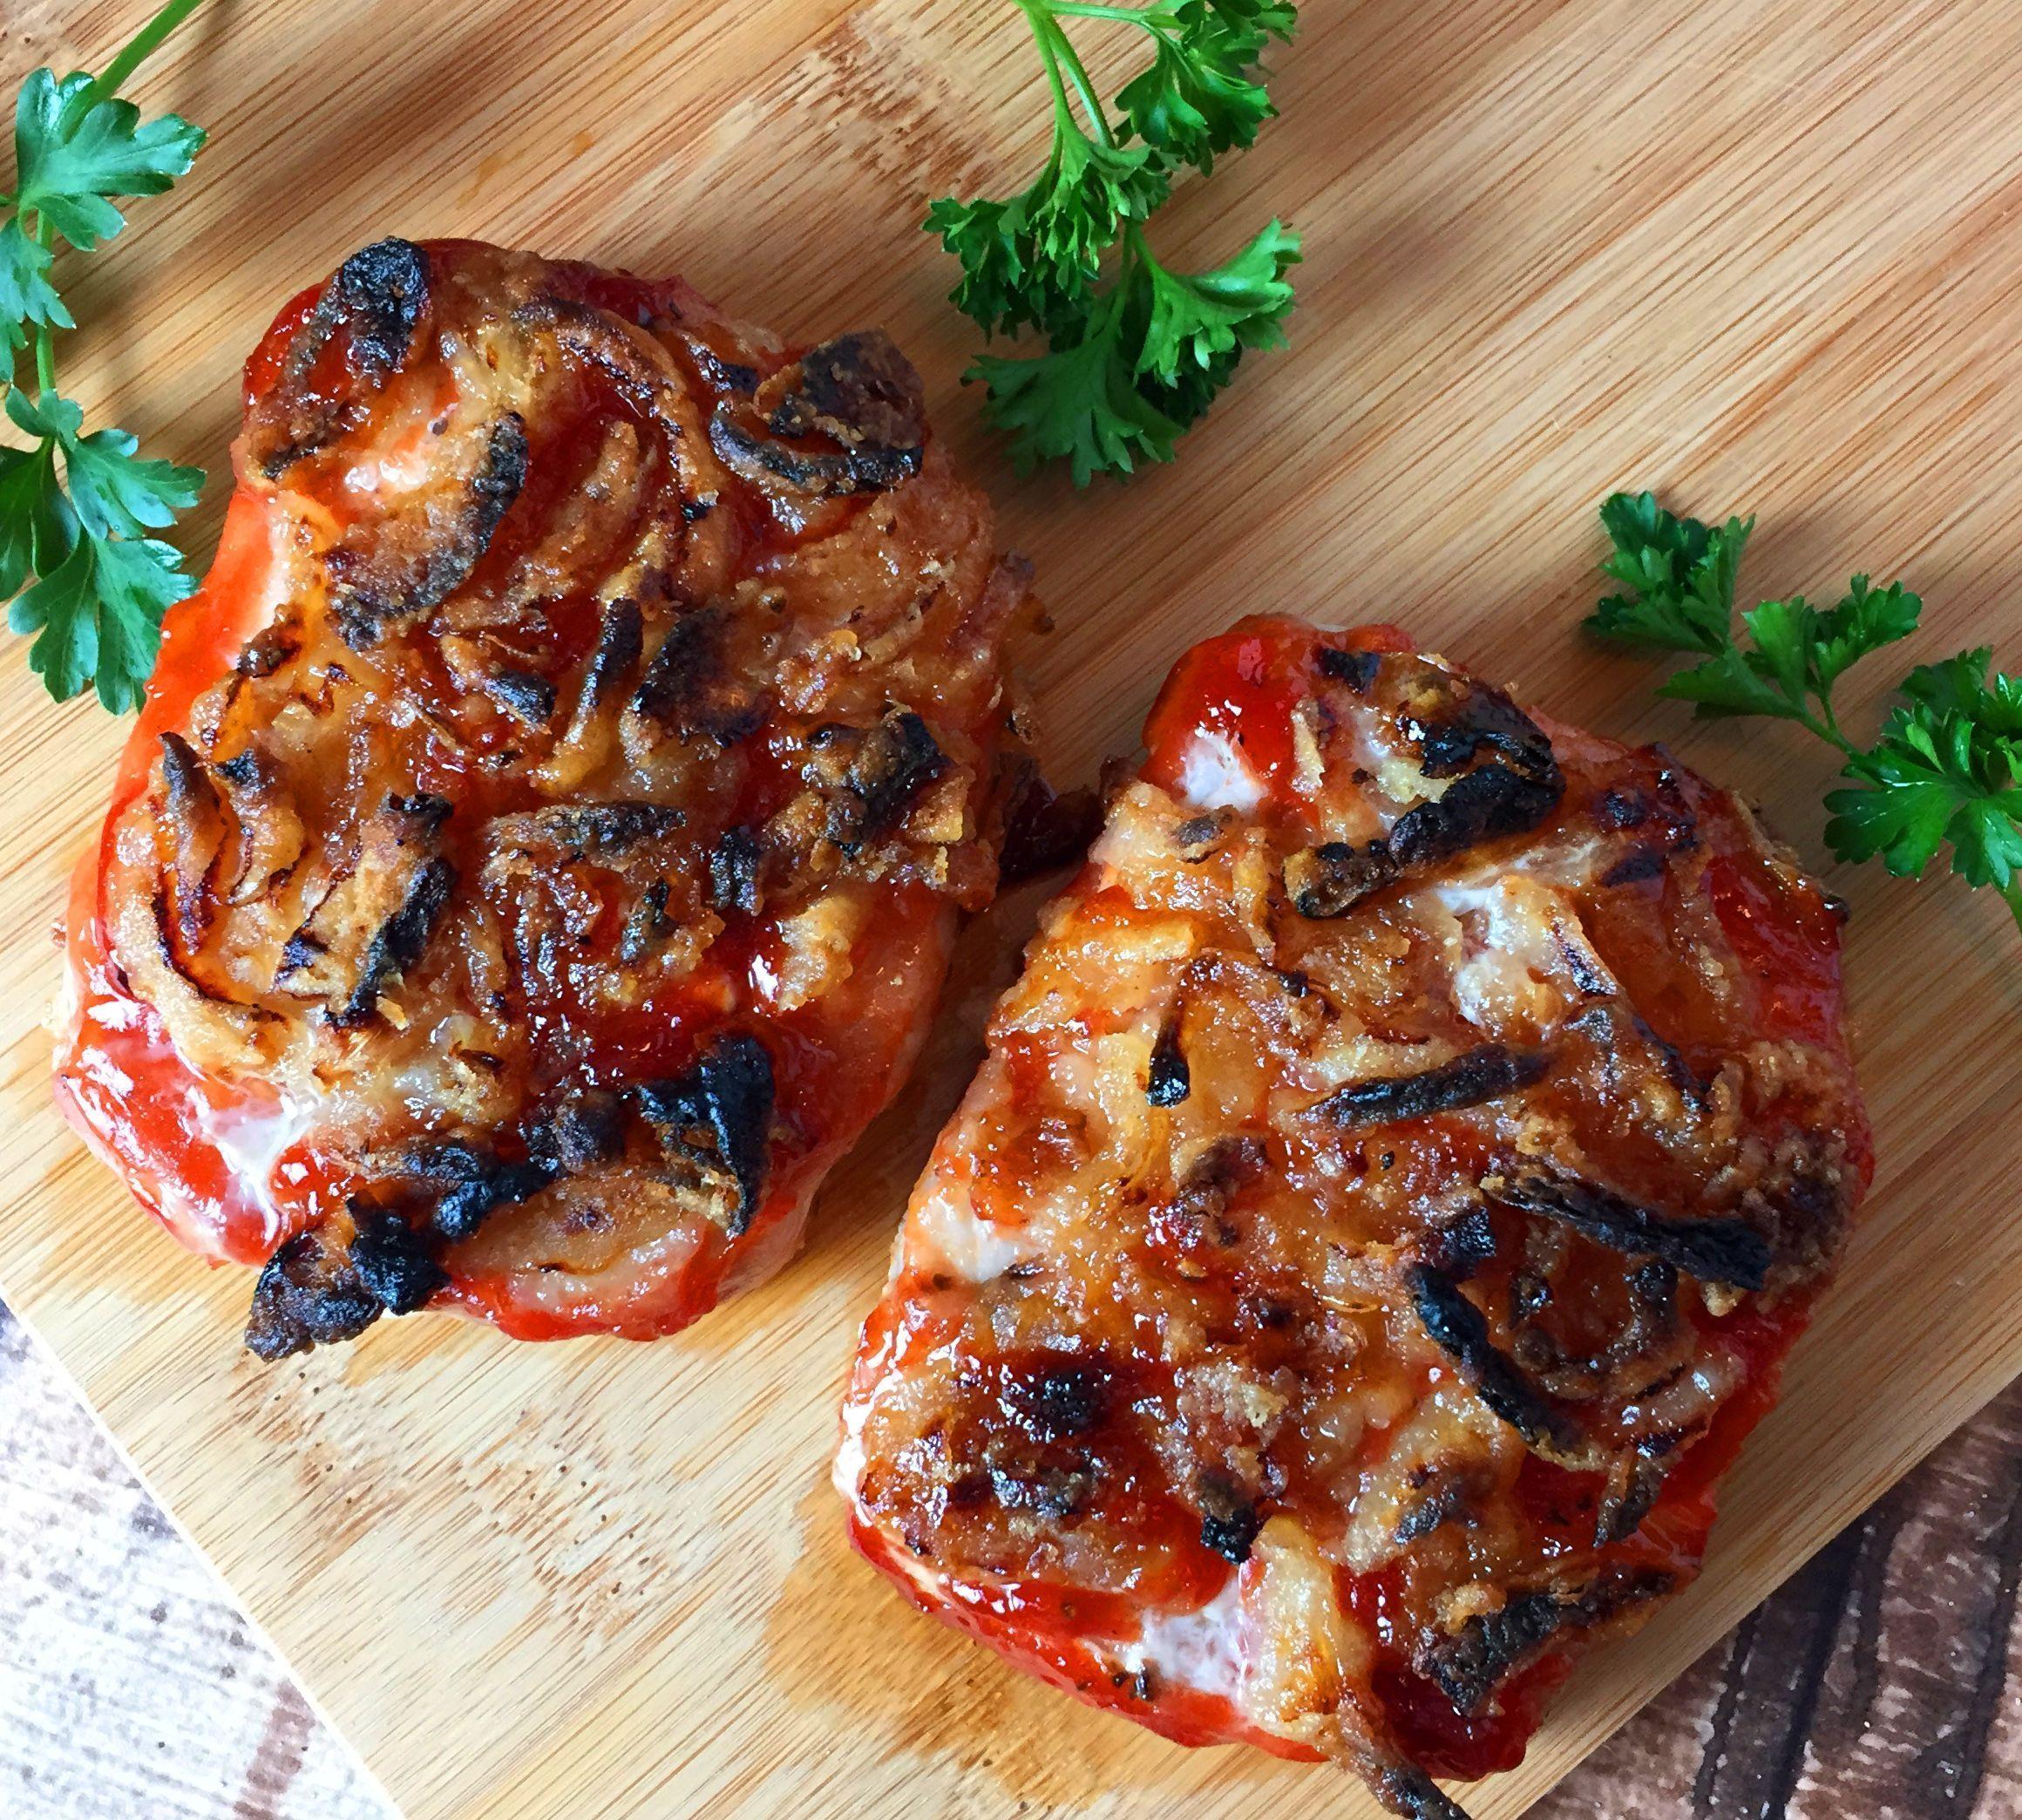 Oven Baked Boneless Pork Chops #ovenbakedporkchops Oven Baked Boneless Pork Chops - RecipeTeacher #ovenbakedporkchops Oven Baked Boneless Pork Chops #ovenbakedporkchops Oven Baked Boneless Pork Chops - RecipeTeacher #ovenbakedporkchops Oven Baked Boneless Pork Chops #ovenbakedporkchops Oven Baked Boneless Pork Chops - RecipeTeacher #ovenbakedporkchops Oven Baked Boneless Pork Chops #ovenbakedporkchops Oven Baked Boneless Pork Chops - RecipeTeacher #ovenbakedporkchops